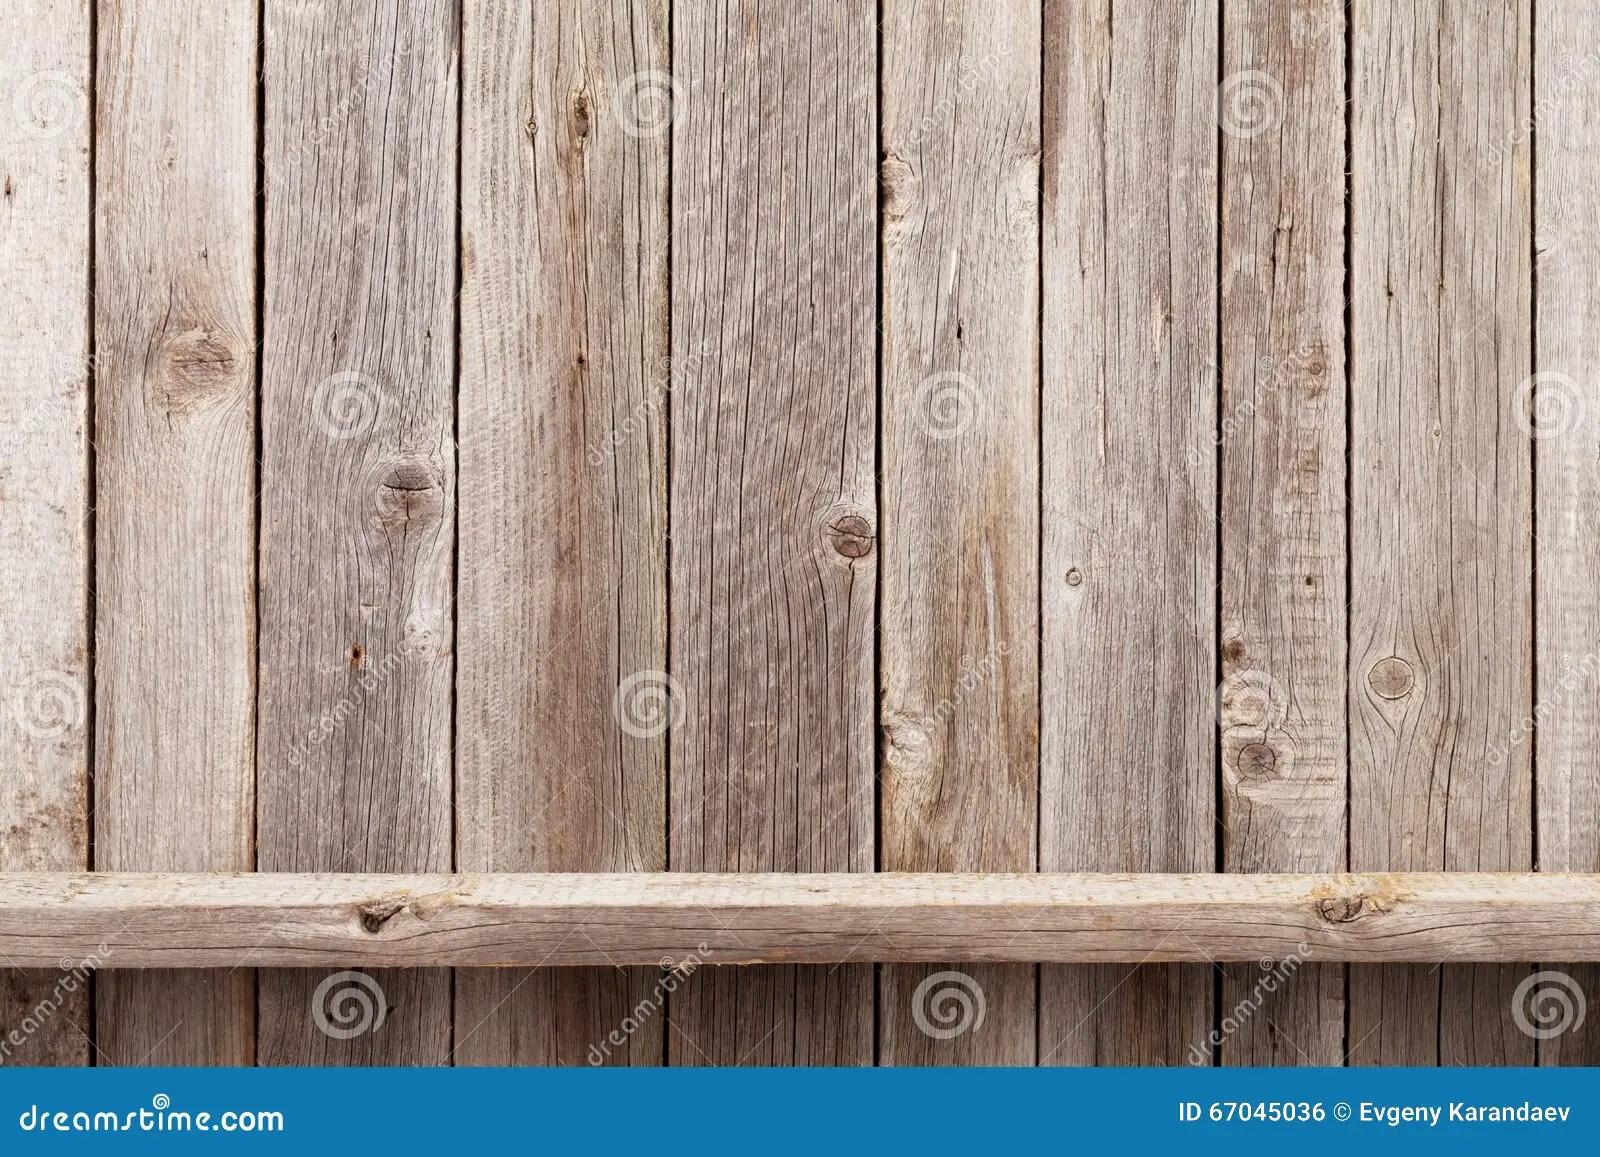 Houten Plank Voor Houten Muur Stock Foto  Afbeelding